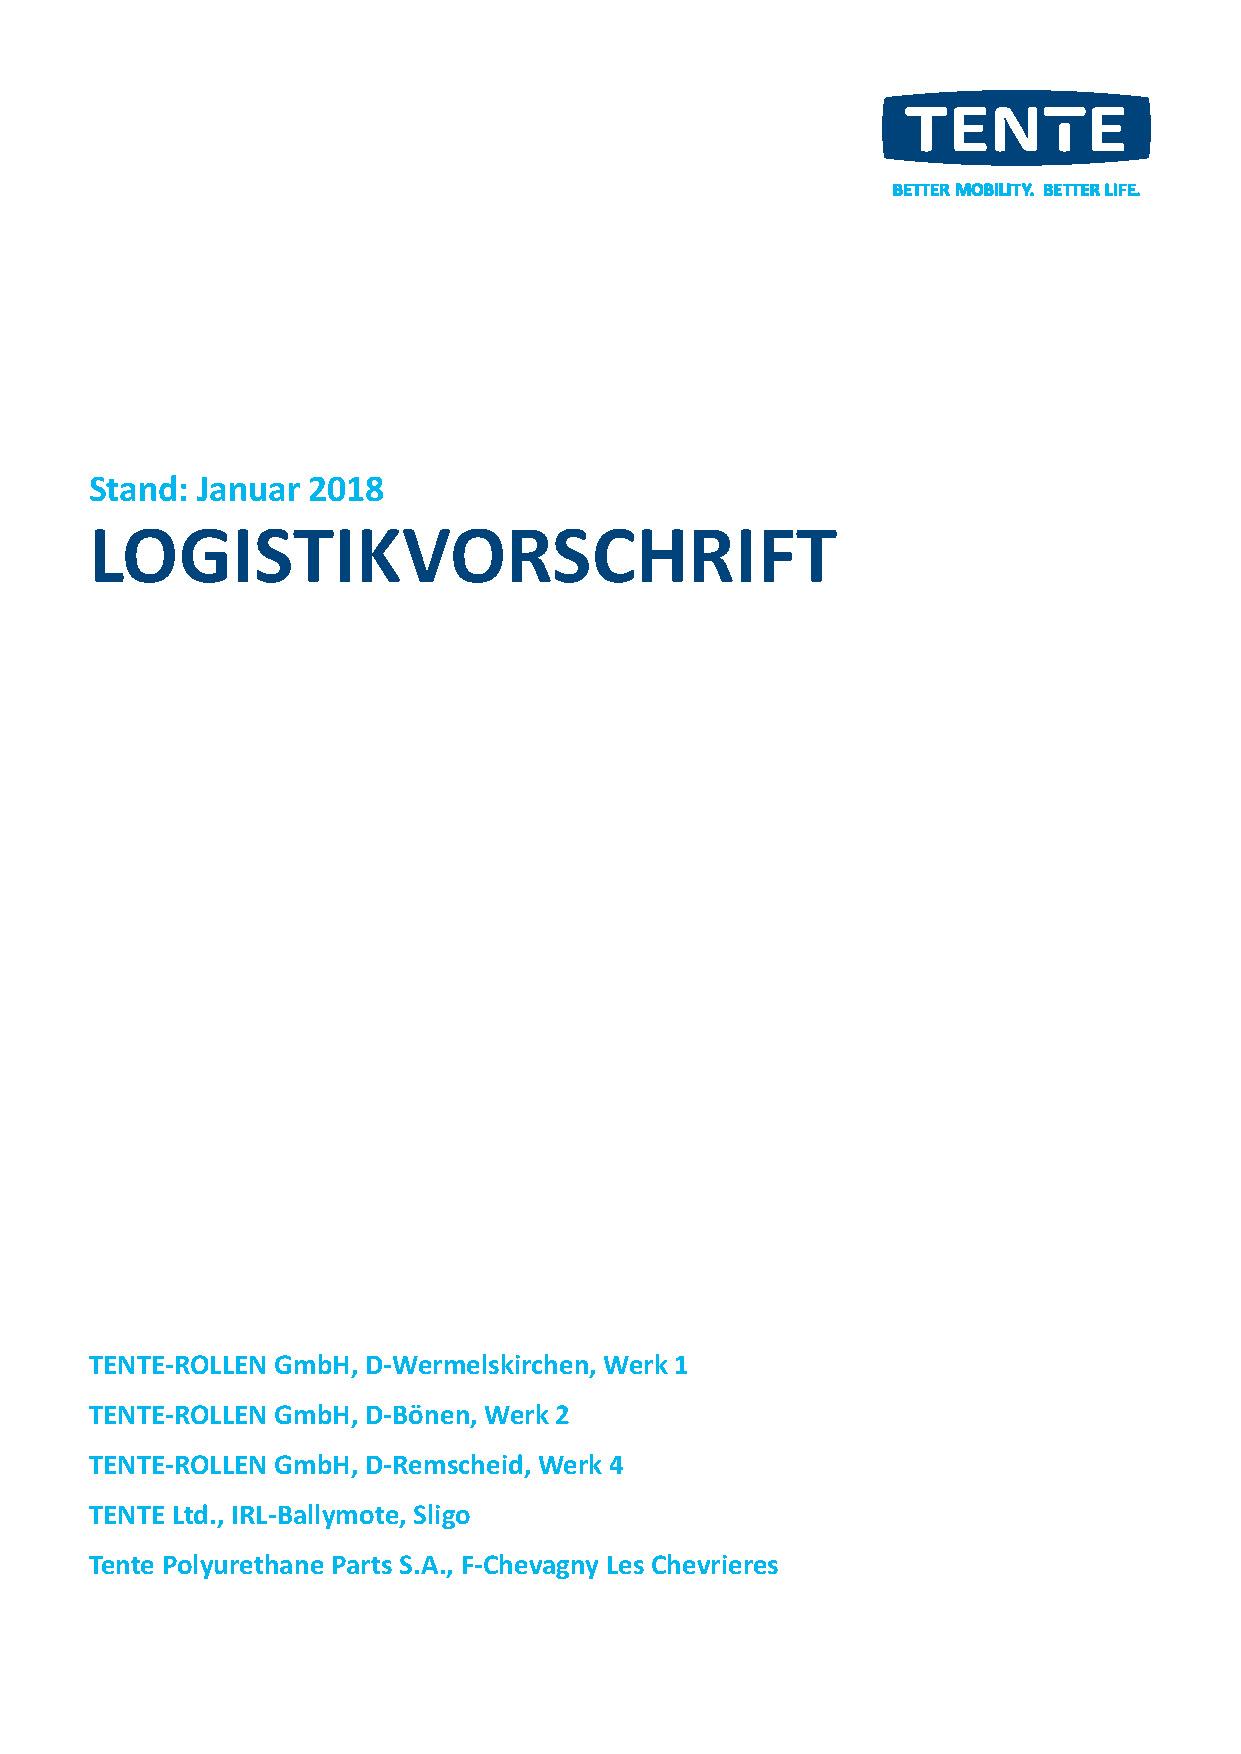 Logistikvorschrift